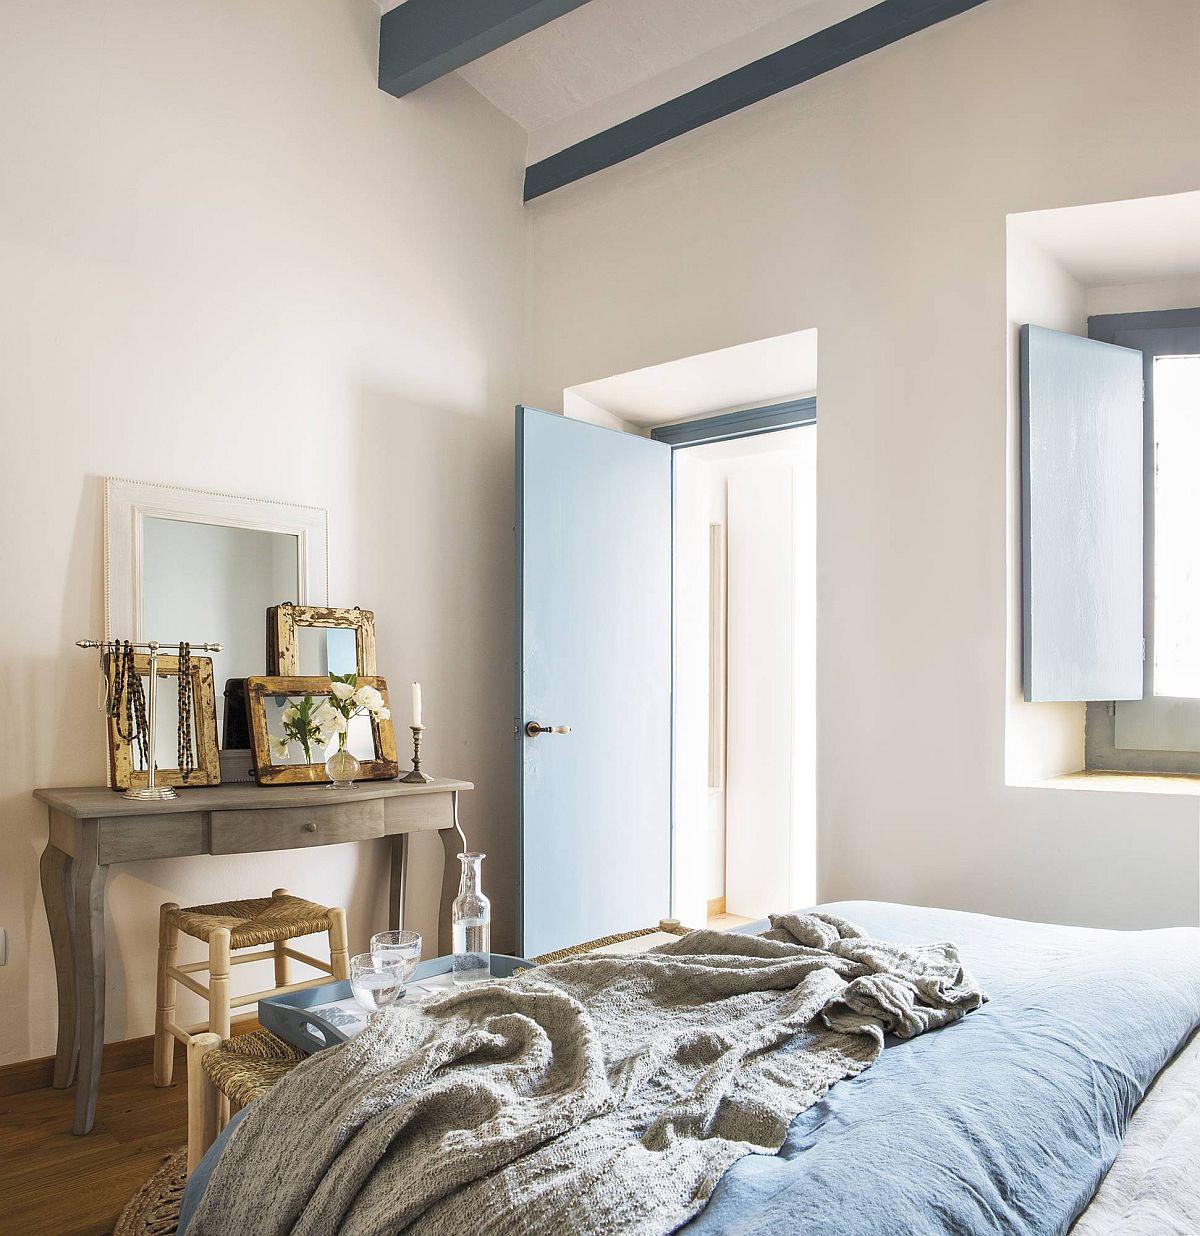 adelaparvu.com despre casa lunga si ingusta cu terasa, stil marin, design Nice Home Barcelona, Foto Jordi Canosa (9)